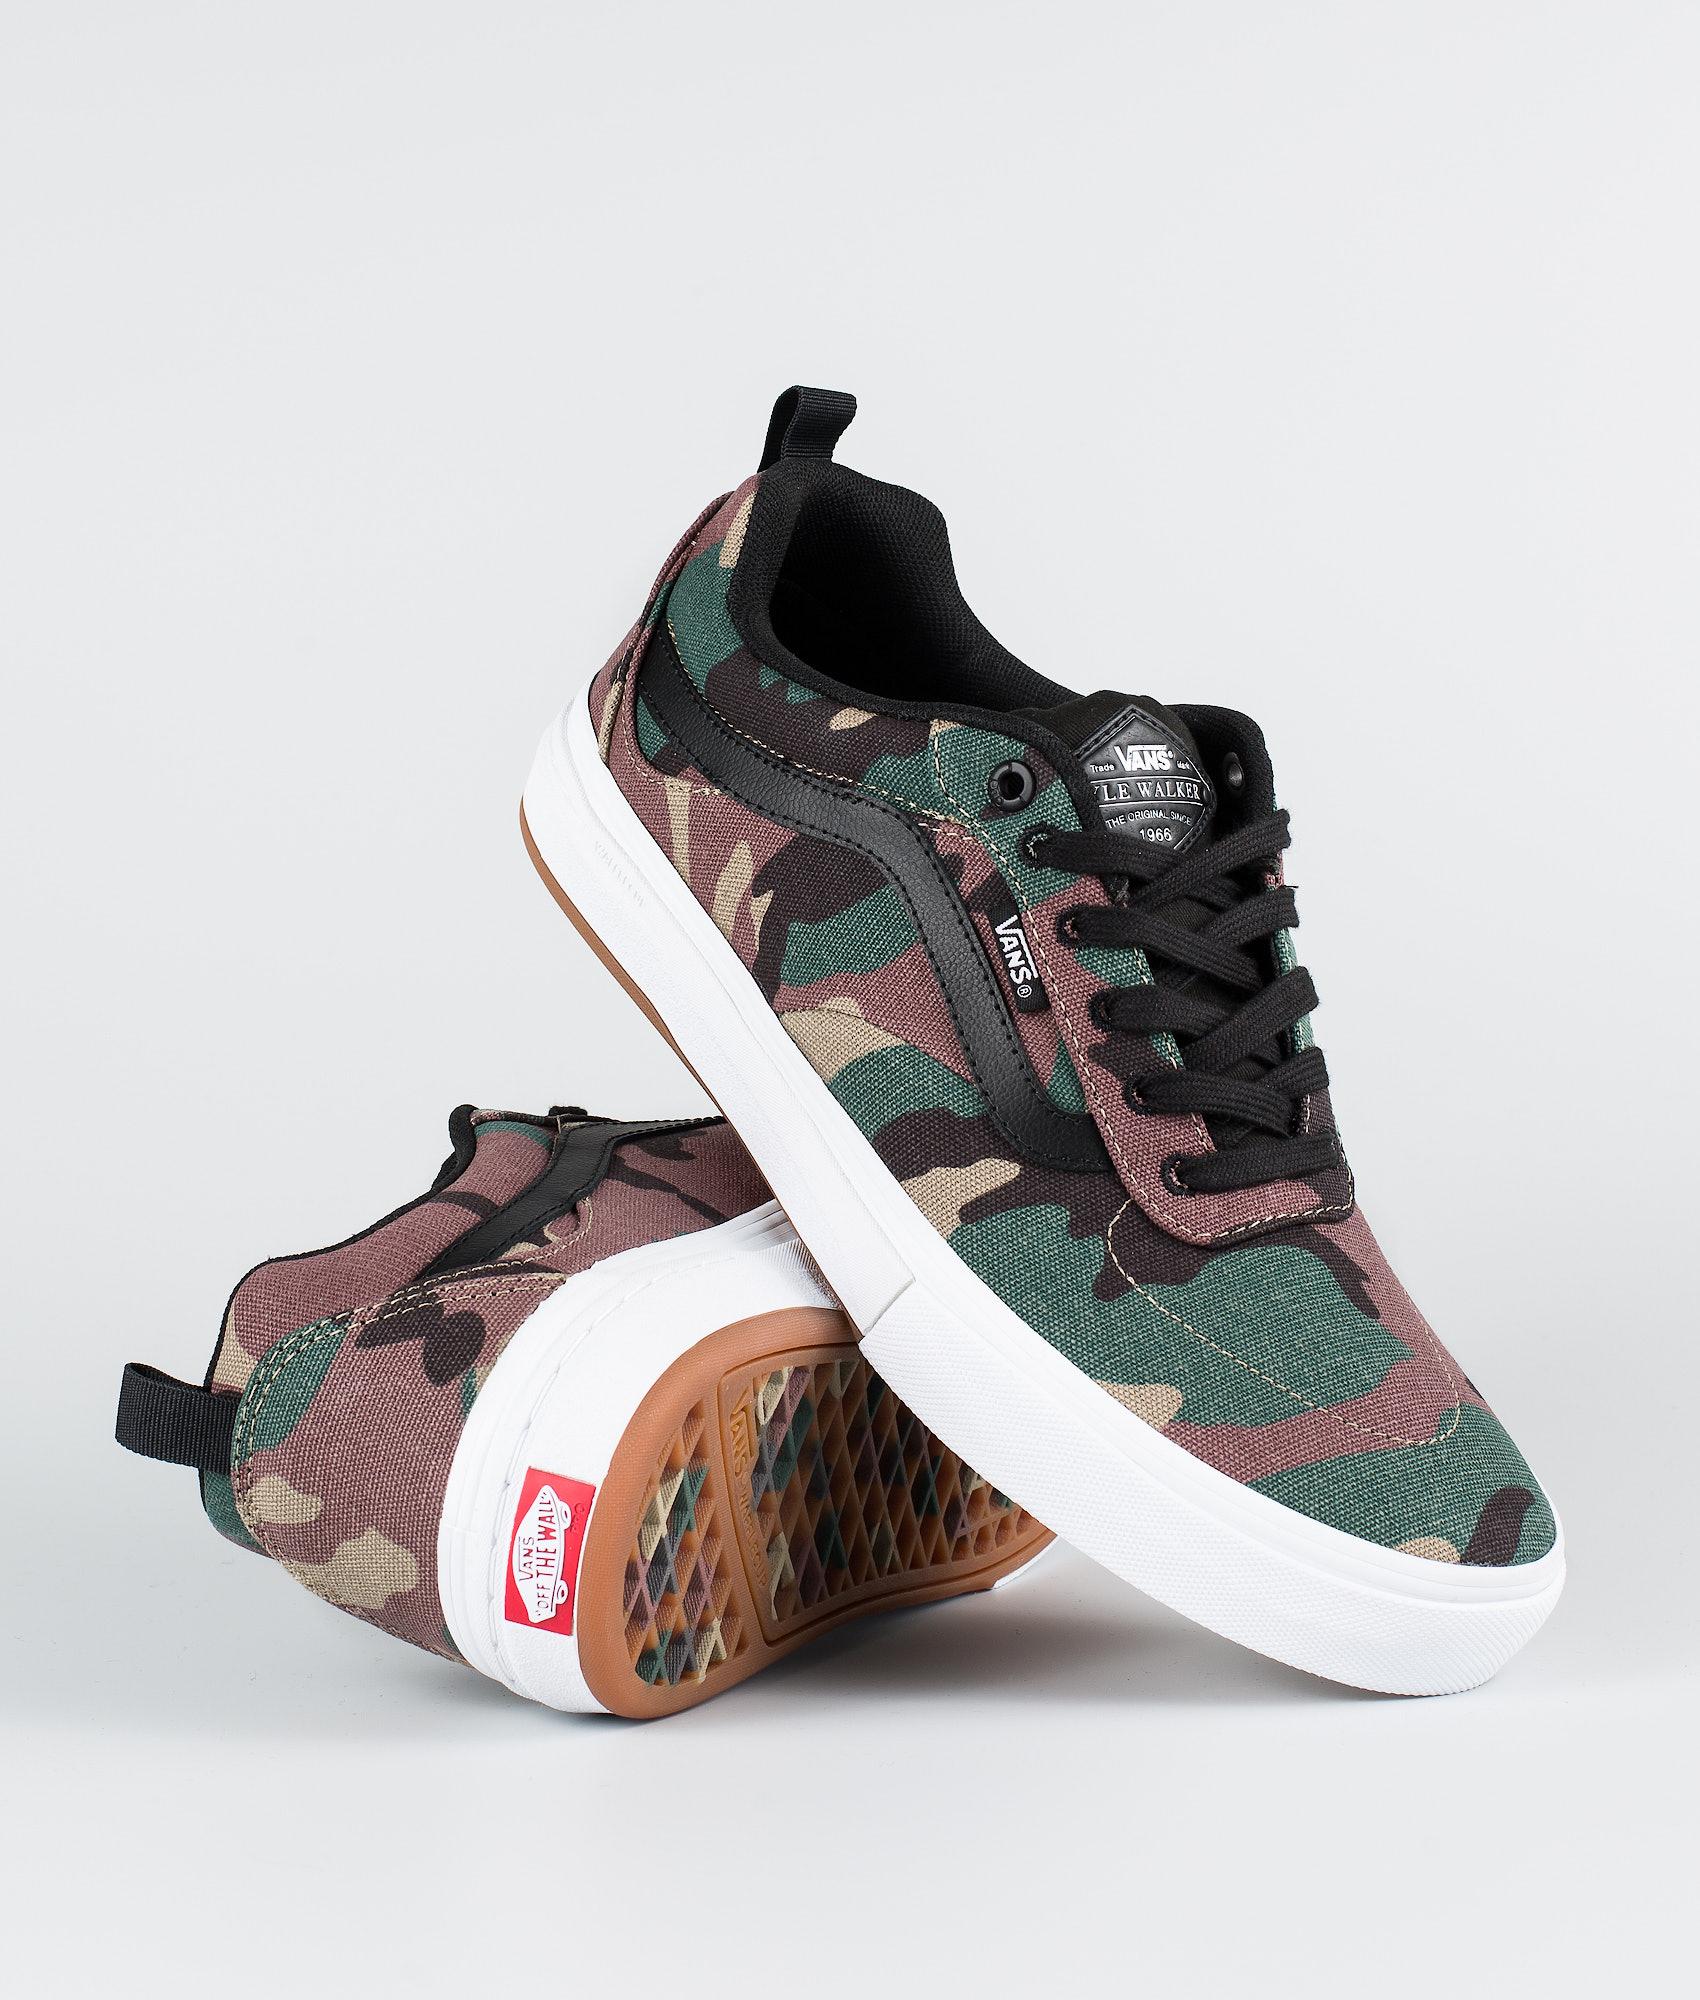 958c269397d376 Vans Chima Pro 2 Shoes (Suede) Blackout - Ridestore.com